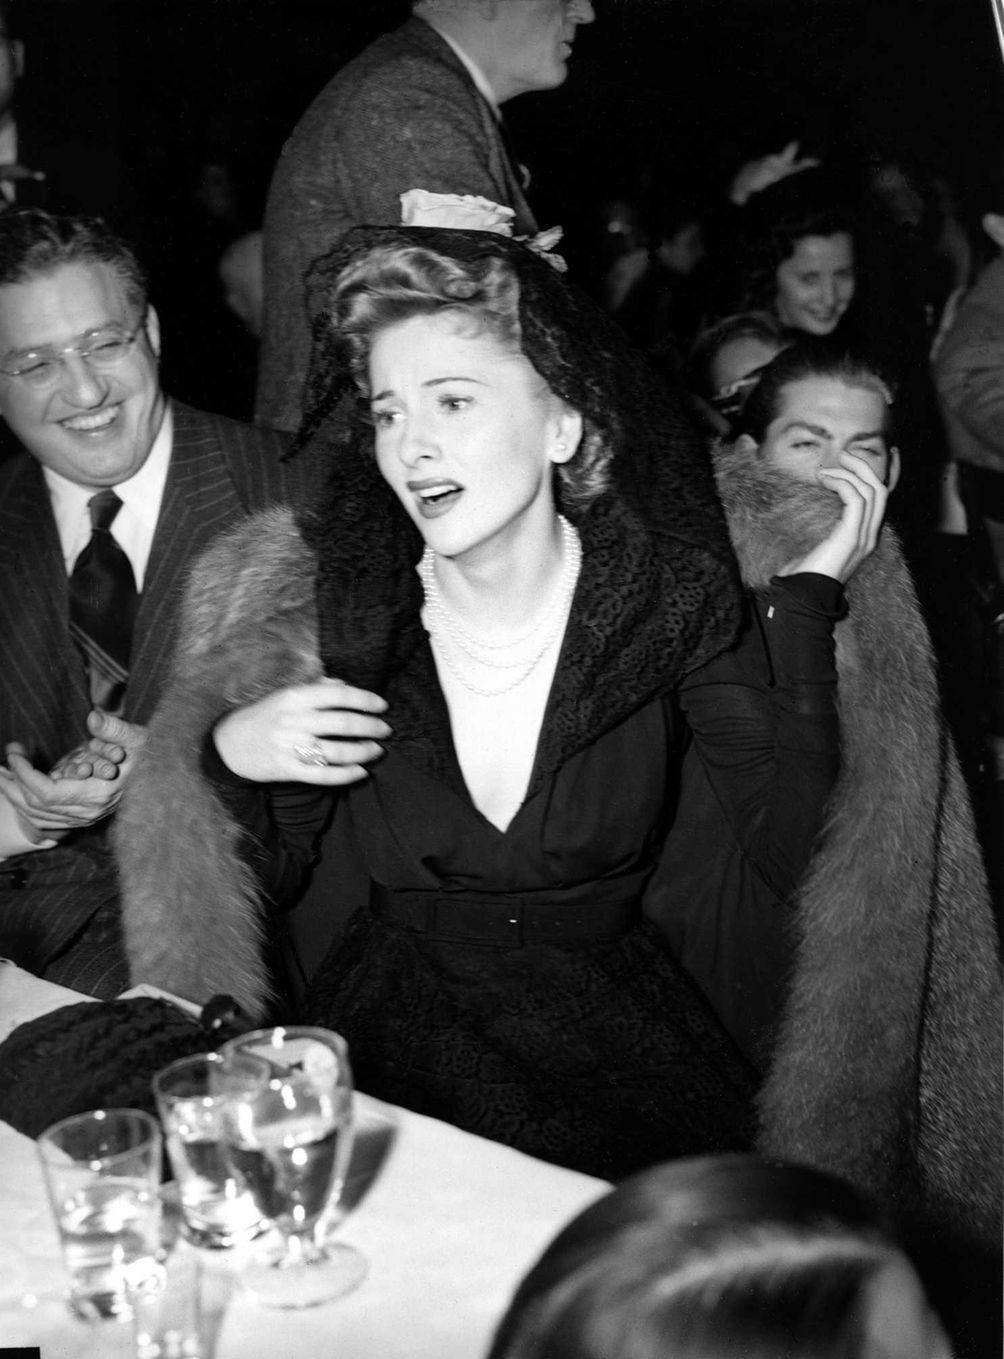 1941 - Joan Fontaine - Suspicion Joan Fontaine